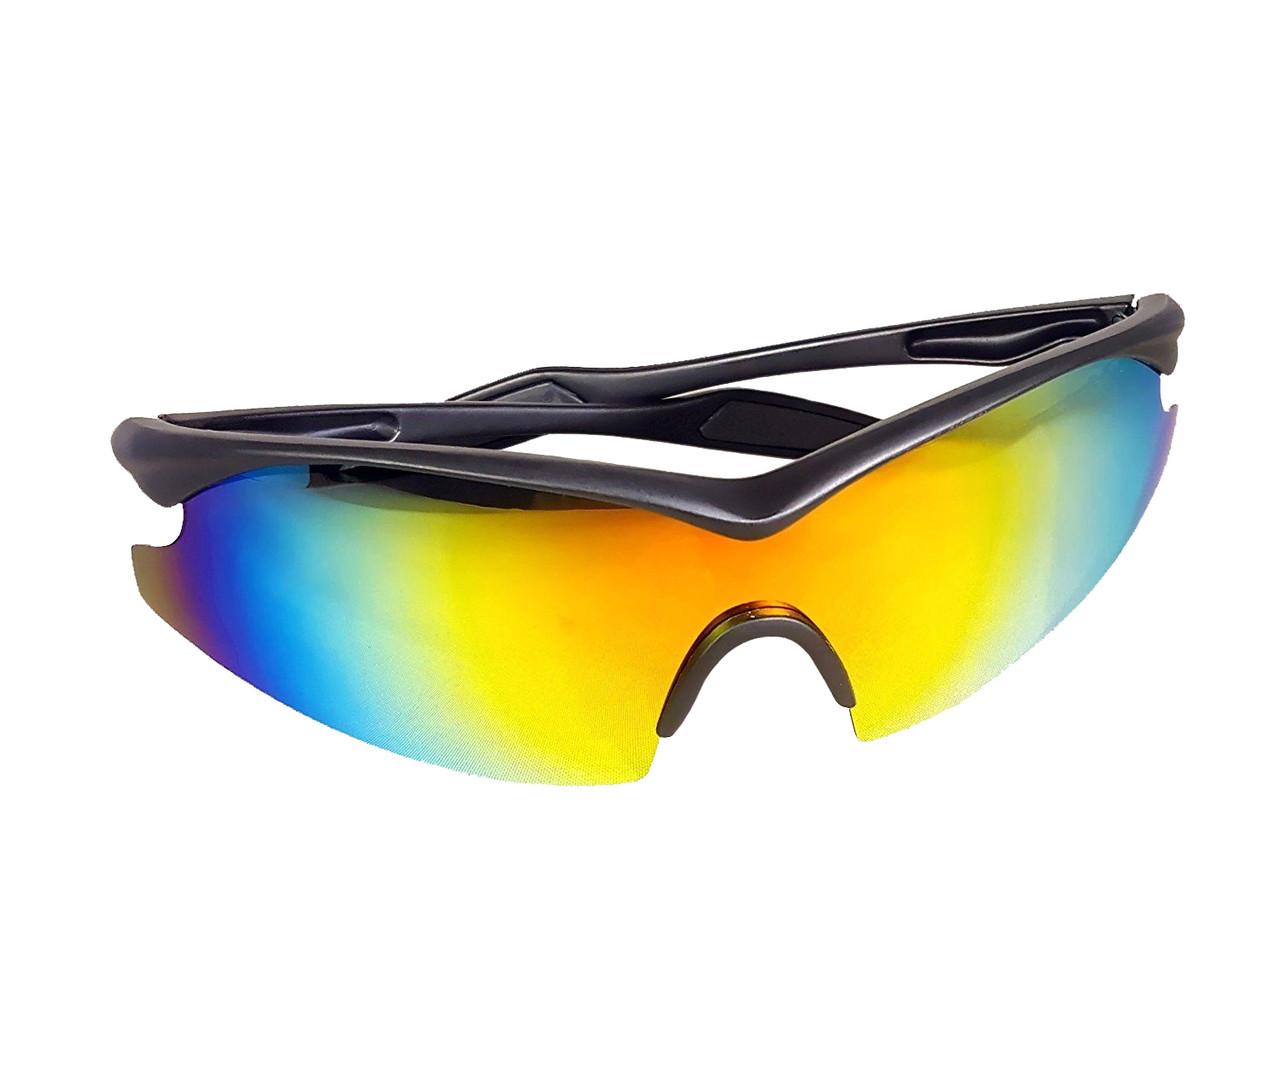 Cолнцезащитные очки поляризационные Bell Howell Tac Glasses антибликовые тактические очки для водителей (ST)